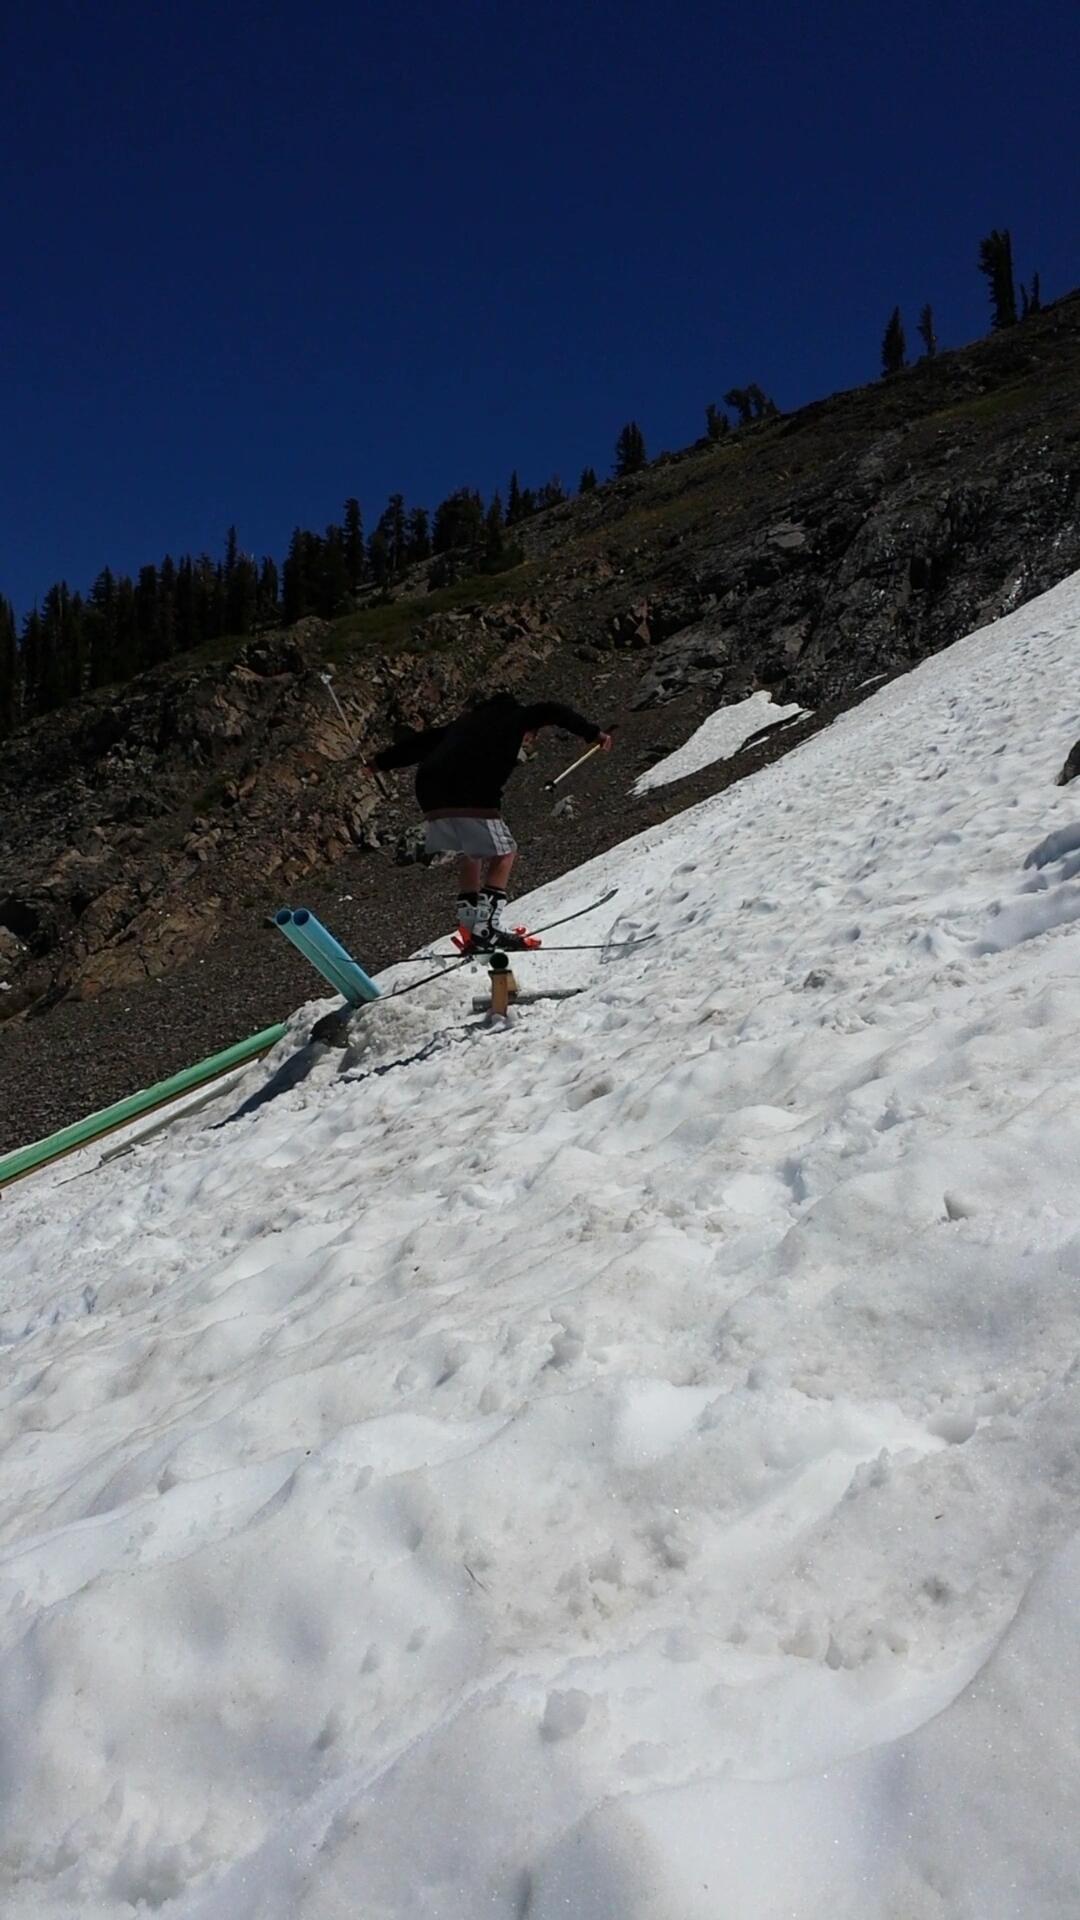 Summer skiing in lake tahoe